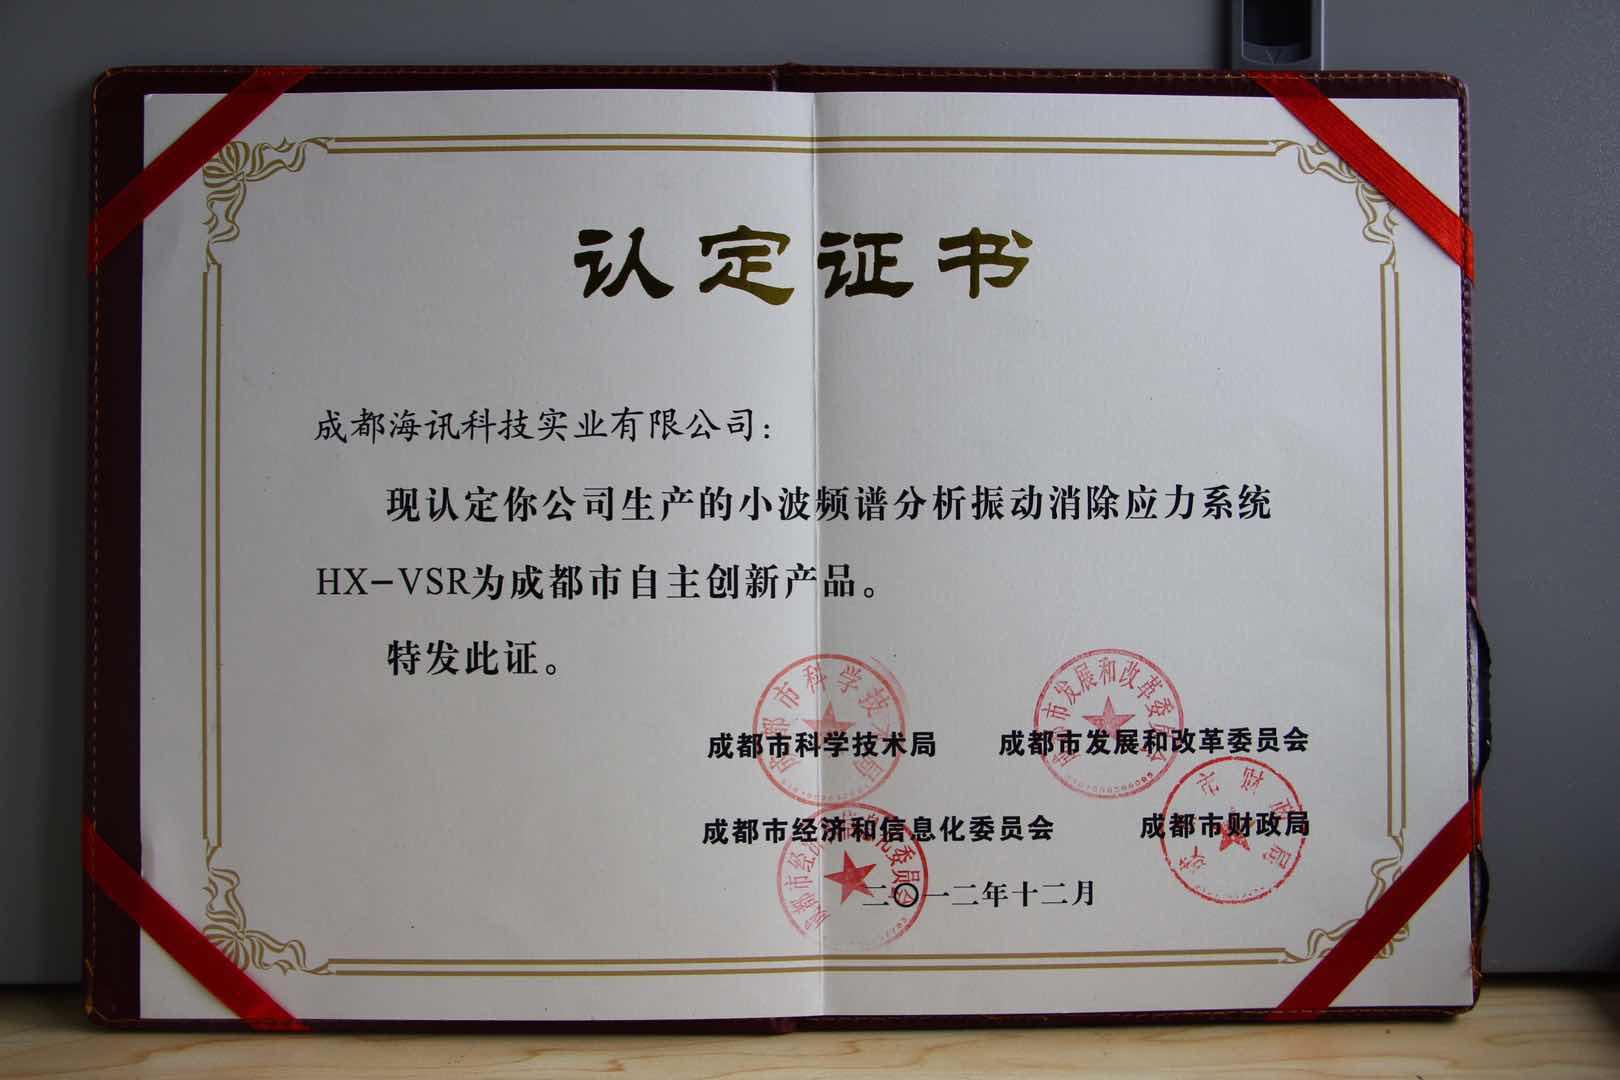 海讯公司-自主创新产品认定证书!